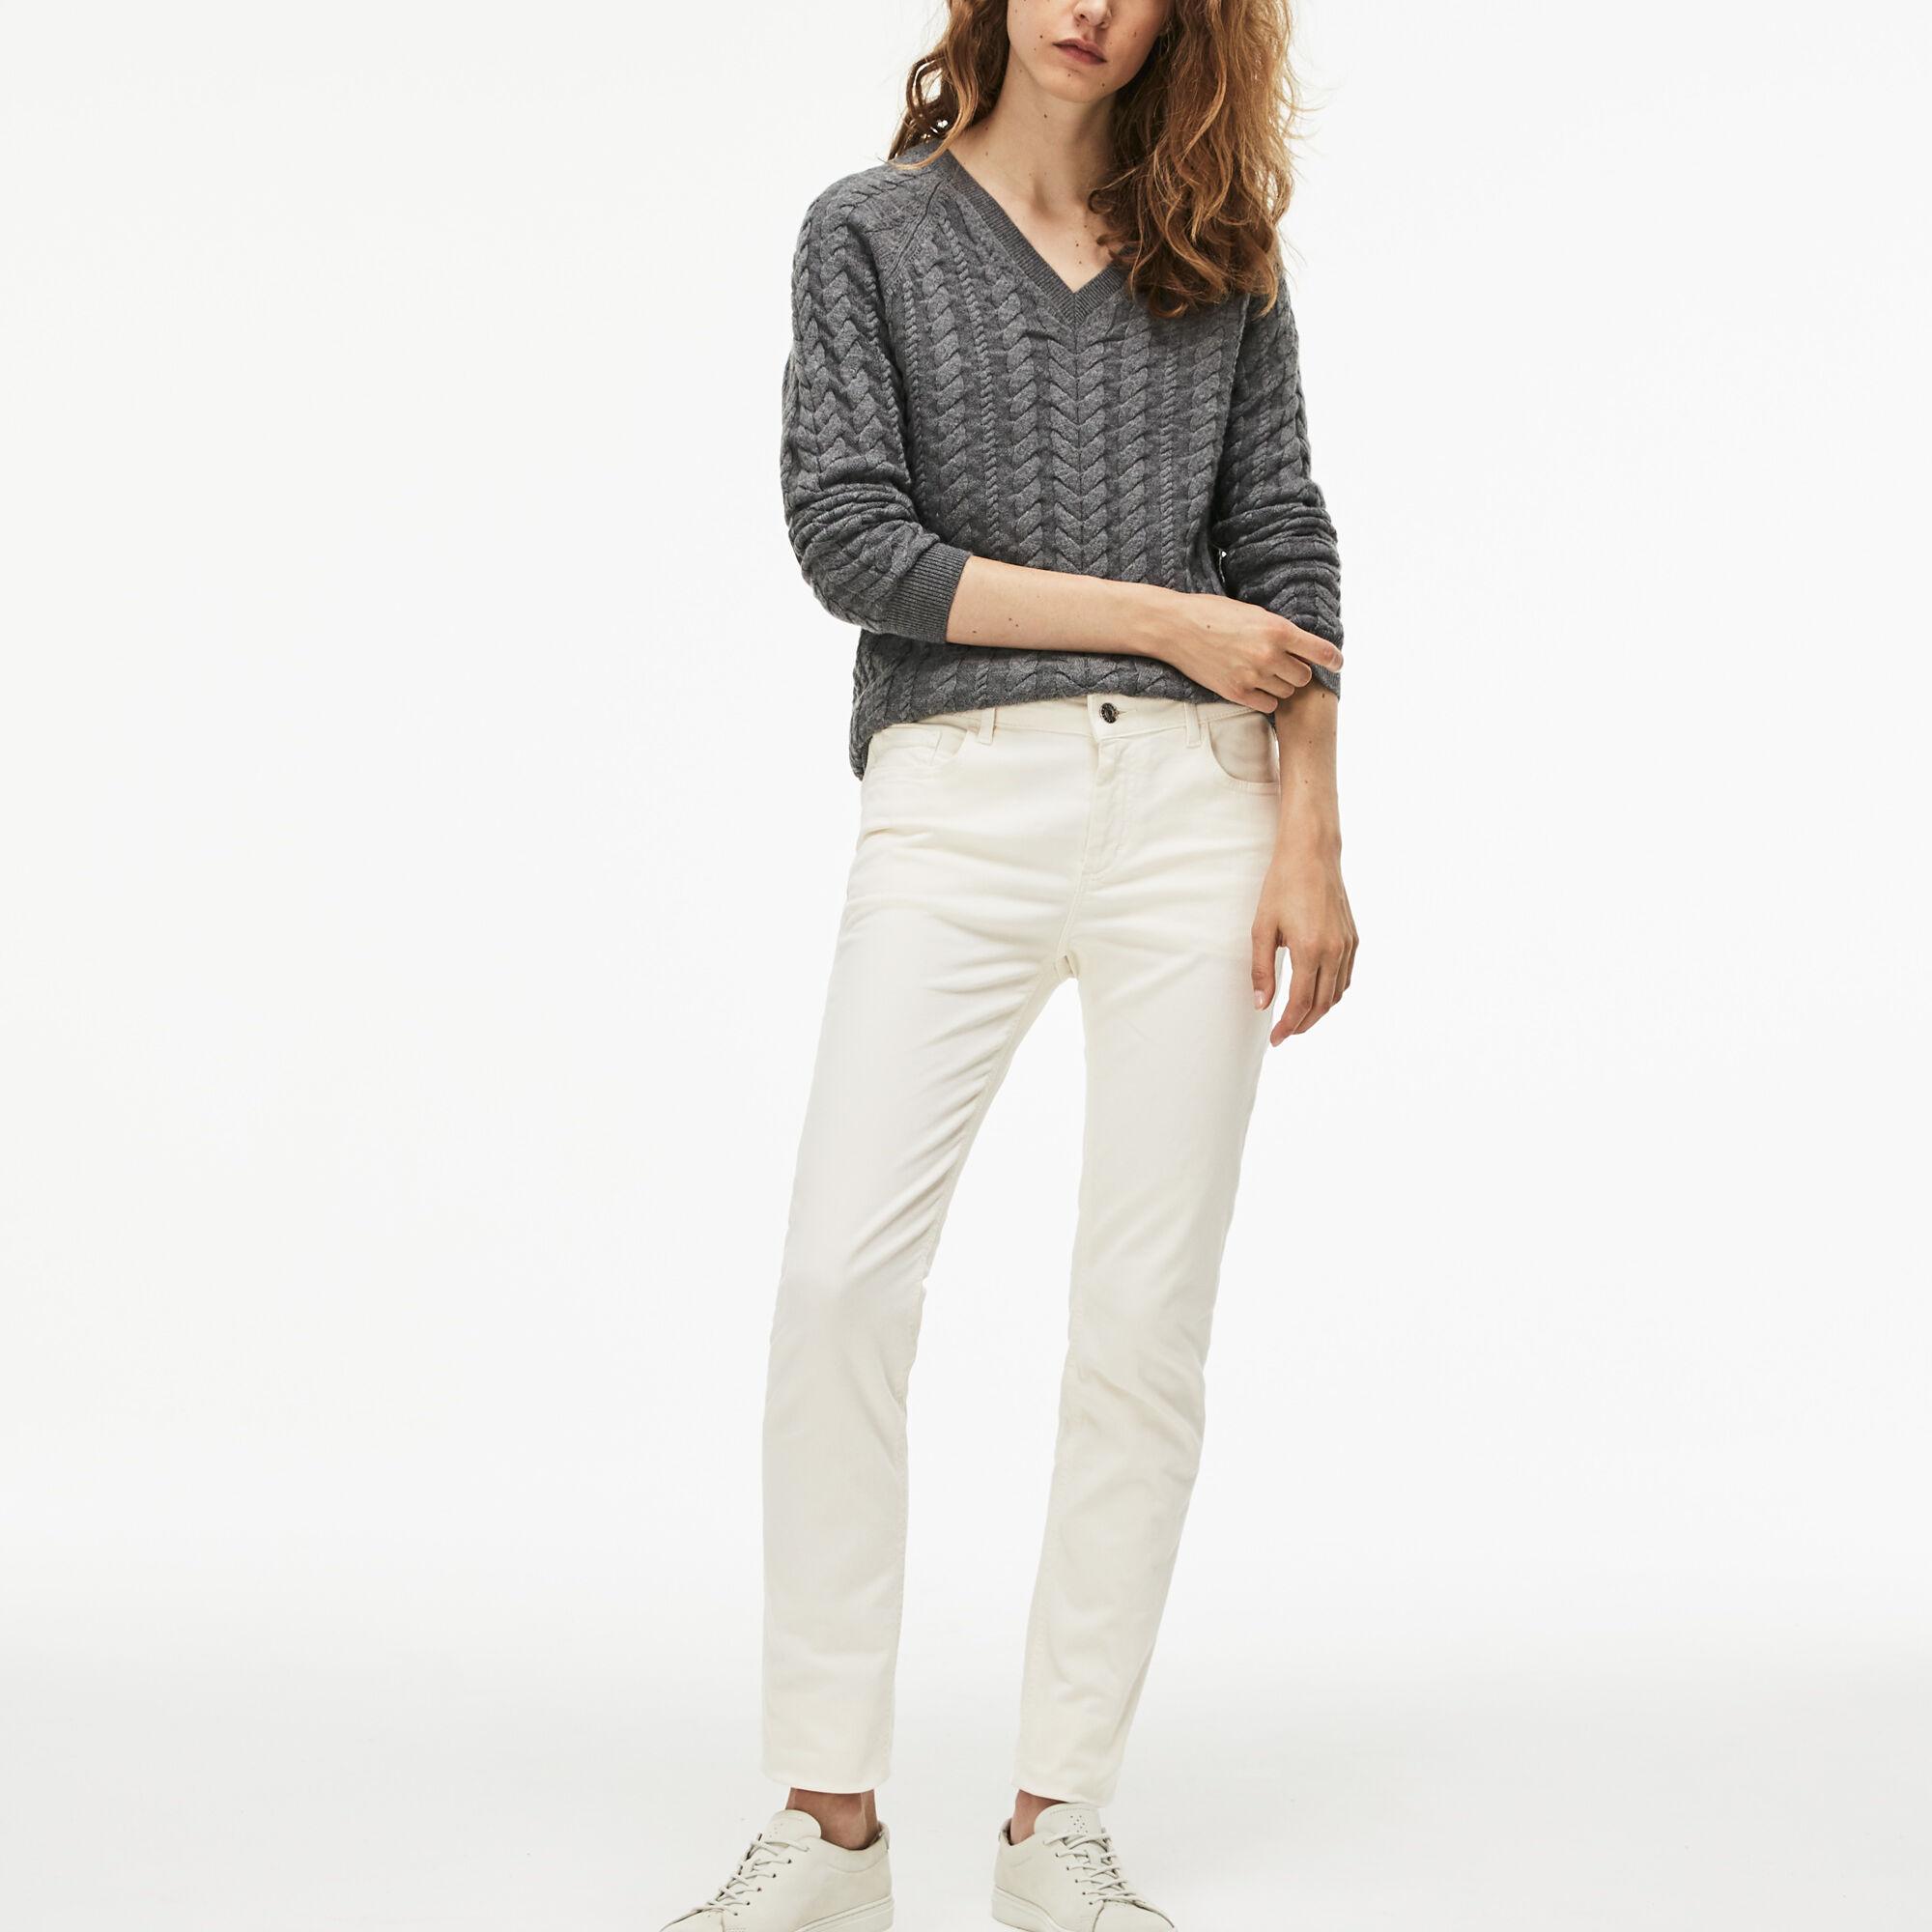 سروال جينز ذو قصة ضيقة من الدنيم القطني المرن للسيدات